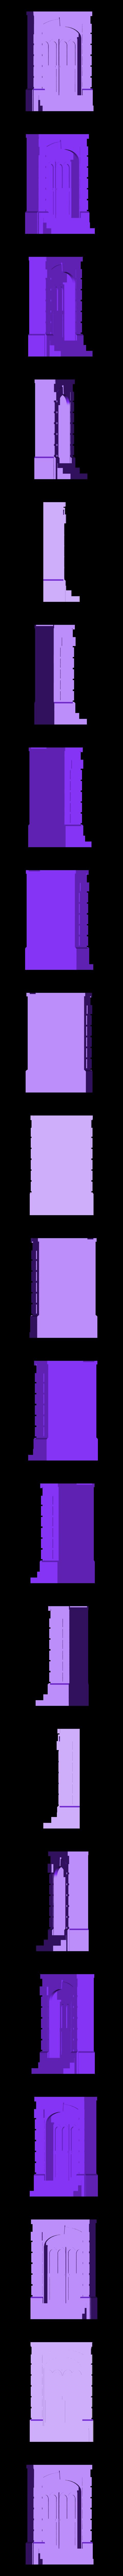 nick2_porch1_1.stl Télécharger fichier STL gratuit Ripper's London - The Nick • Plan pour imprimante 3D, Earsling